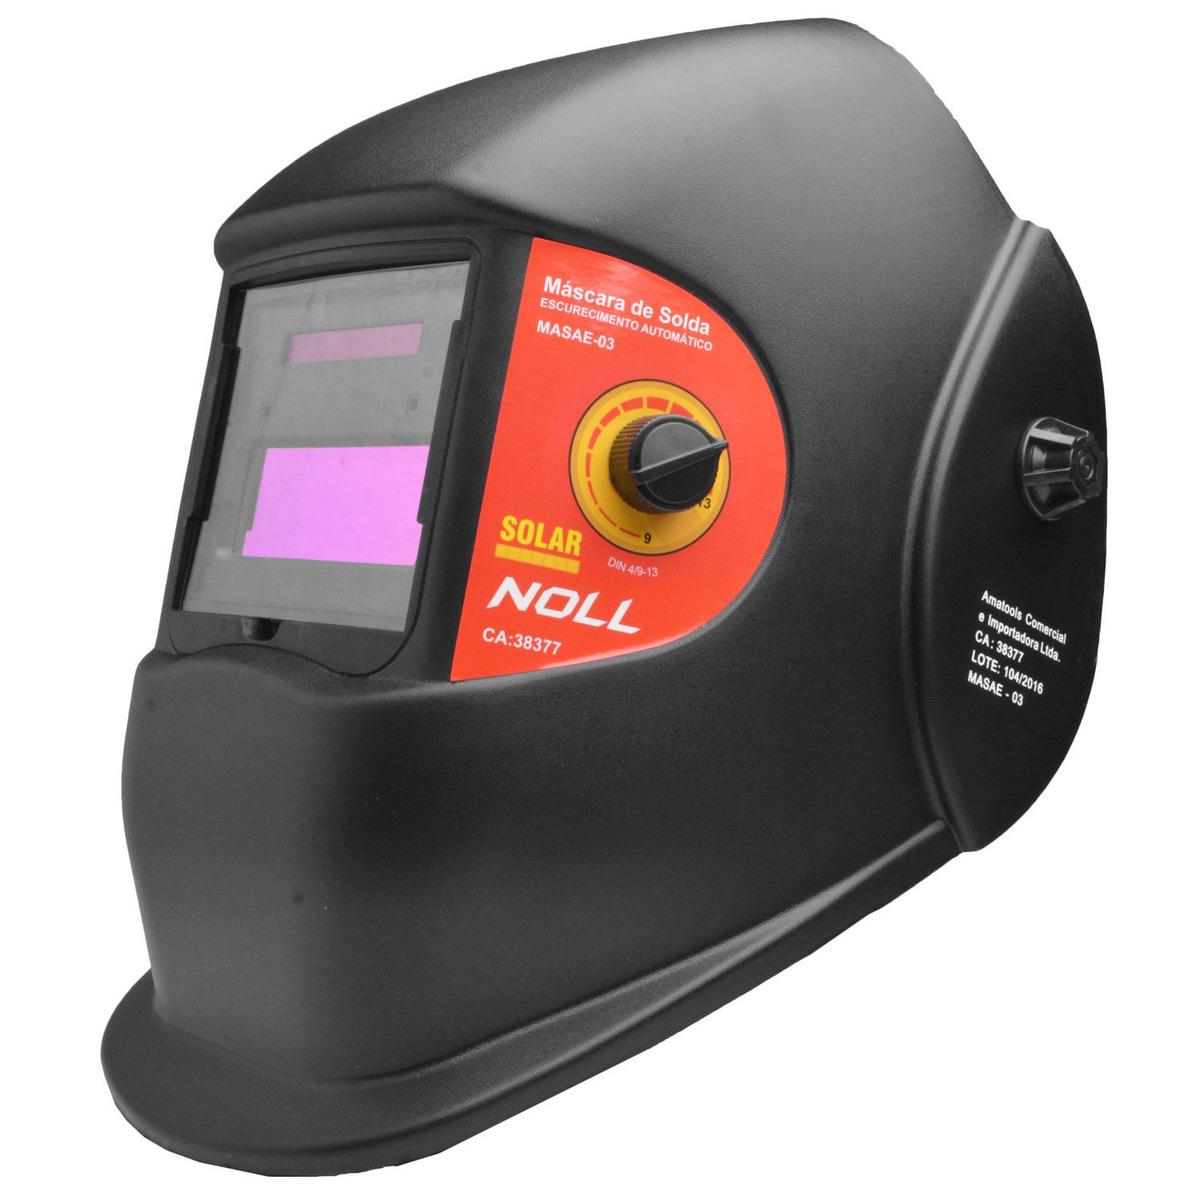 a4c8e8f10 máscara de solda automática com regulagem din 9-13 masae. Carregando zoom.